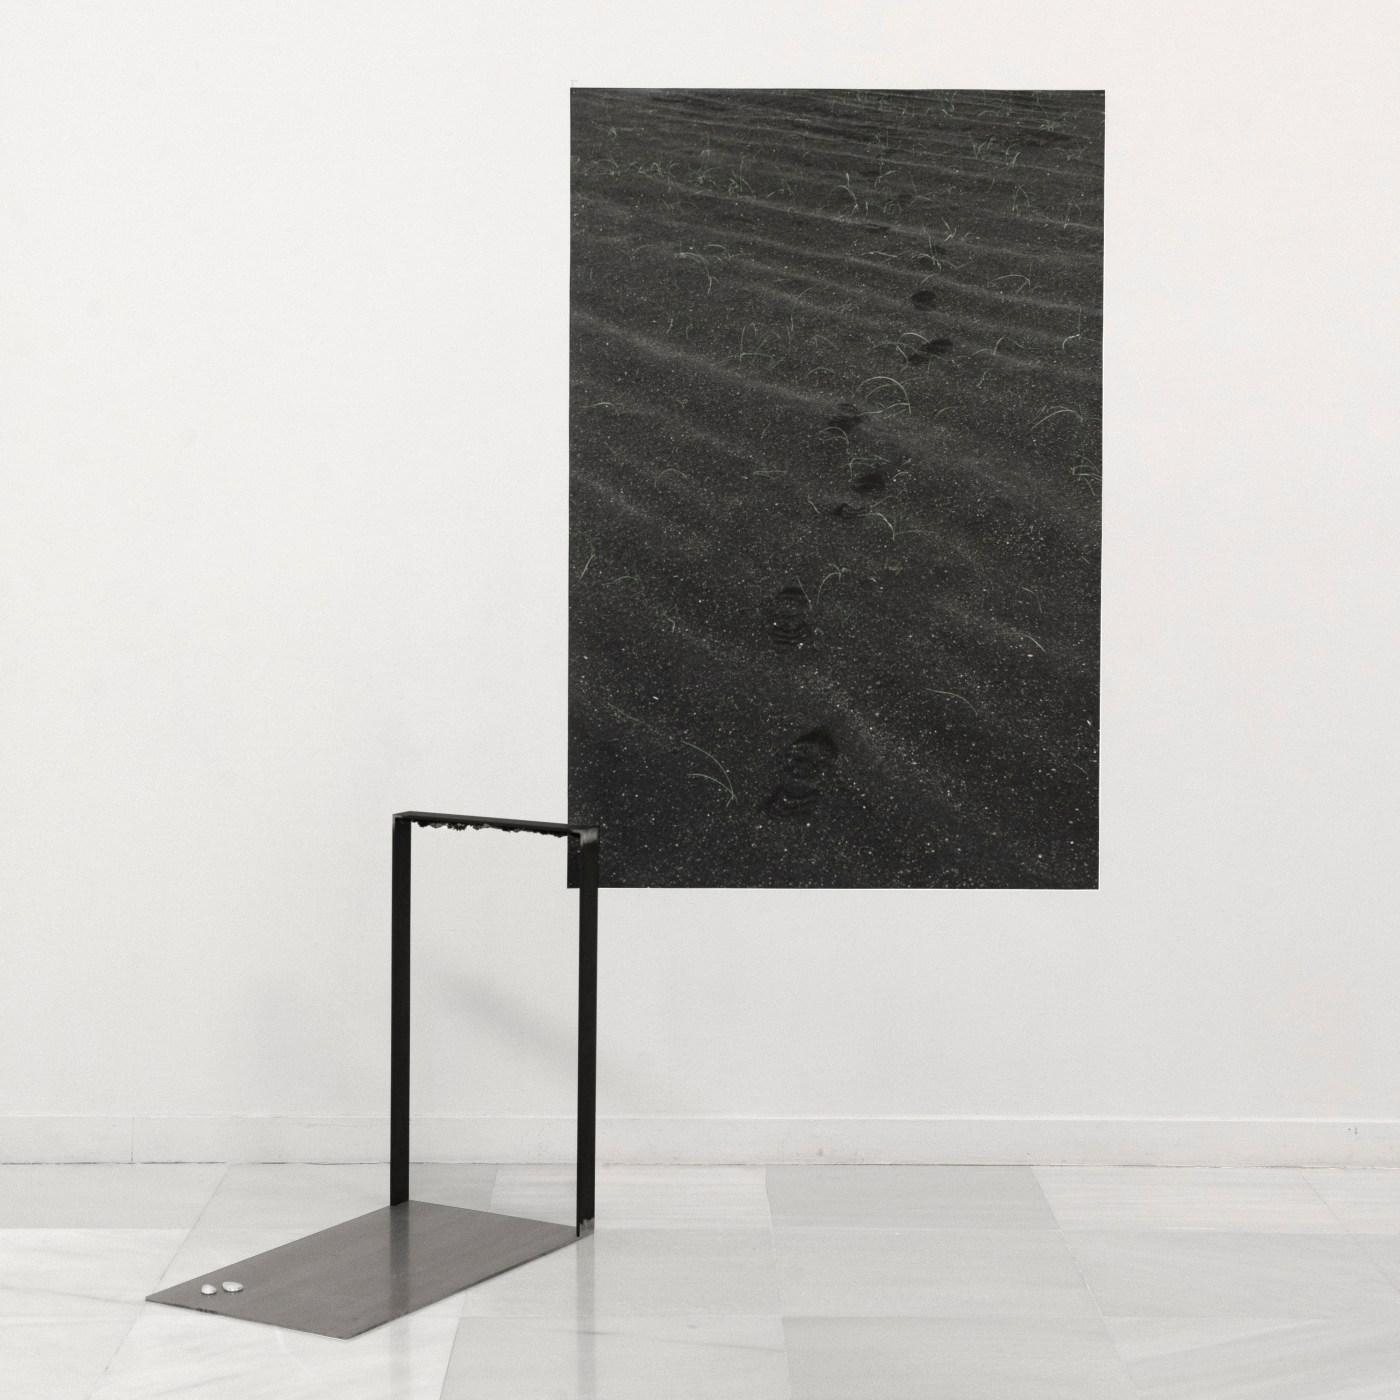 Moreno & Grau. S/T del proyecto Inhabit, 2018. Vista de exposición. Centro Cultural CajaGranada.